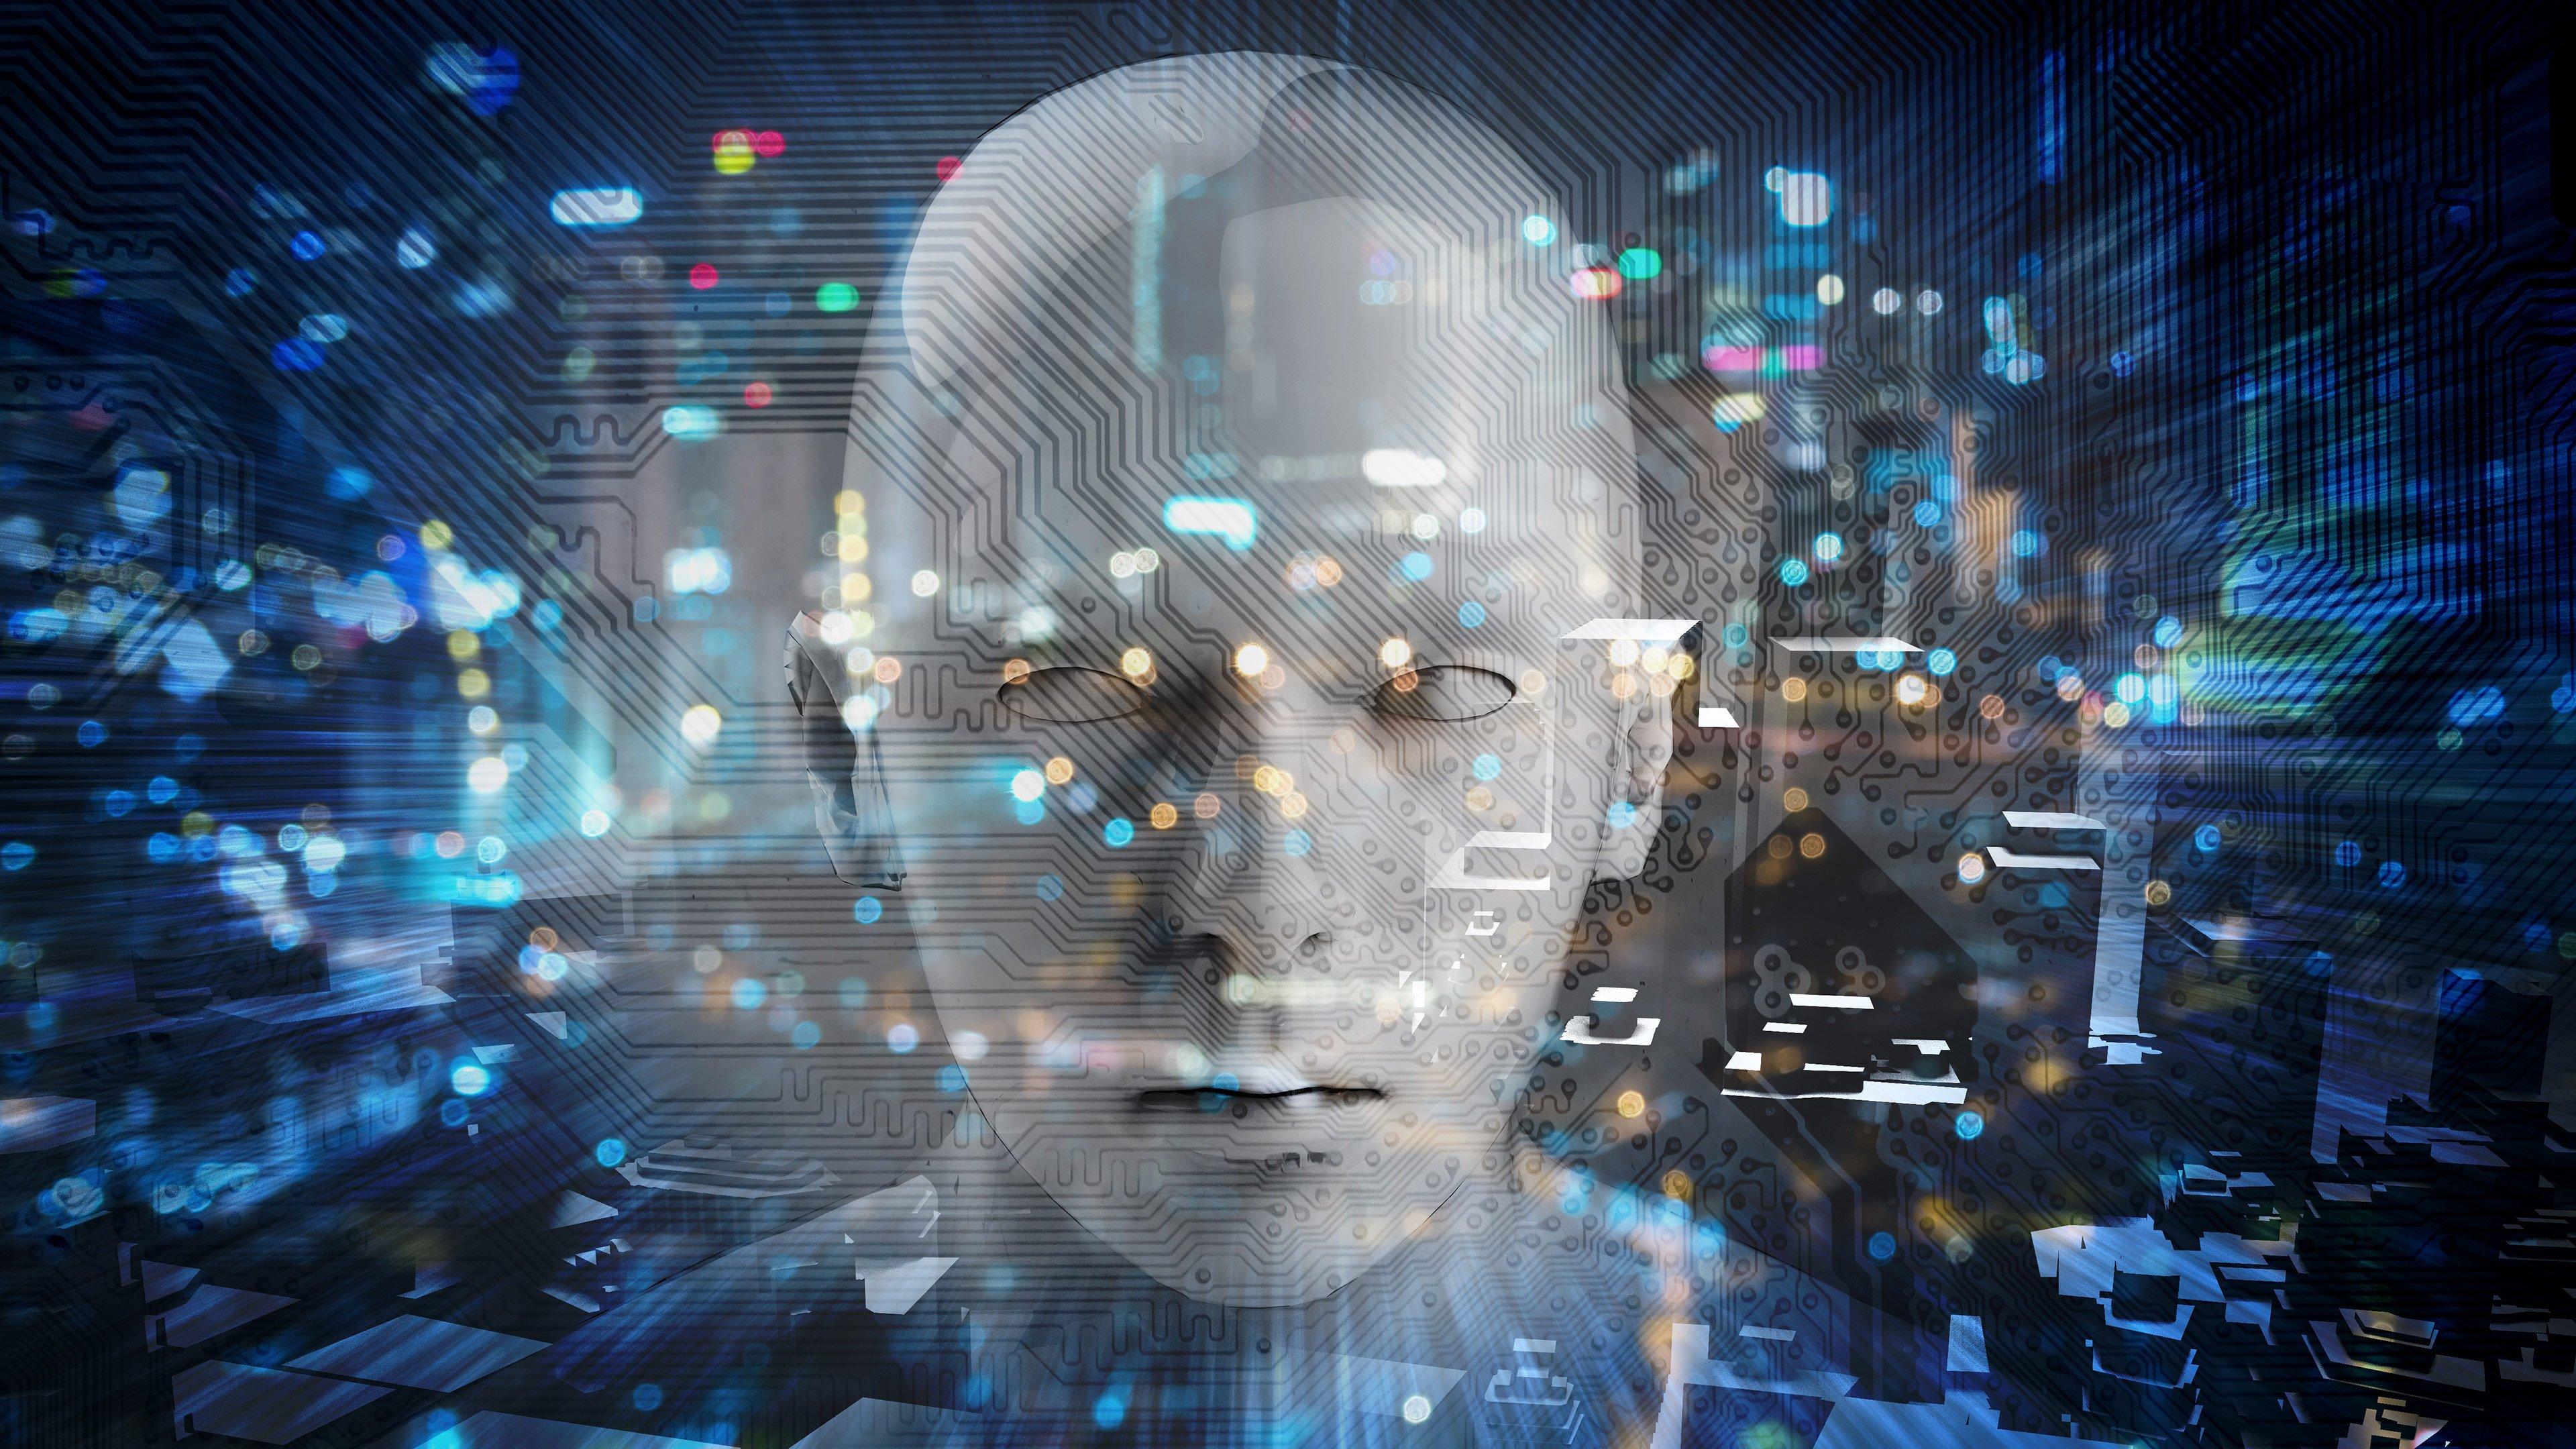 未来のものづくりを設計する – デジタルツインの可能性